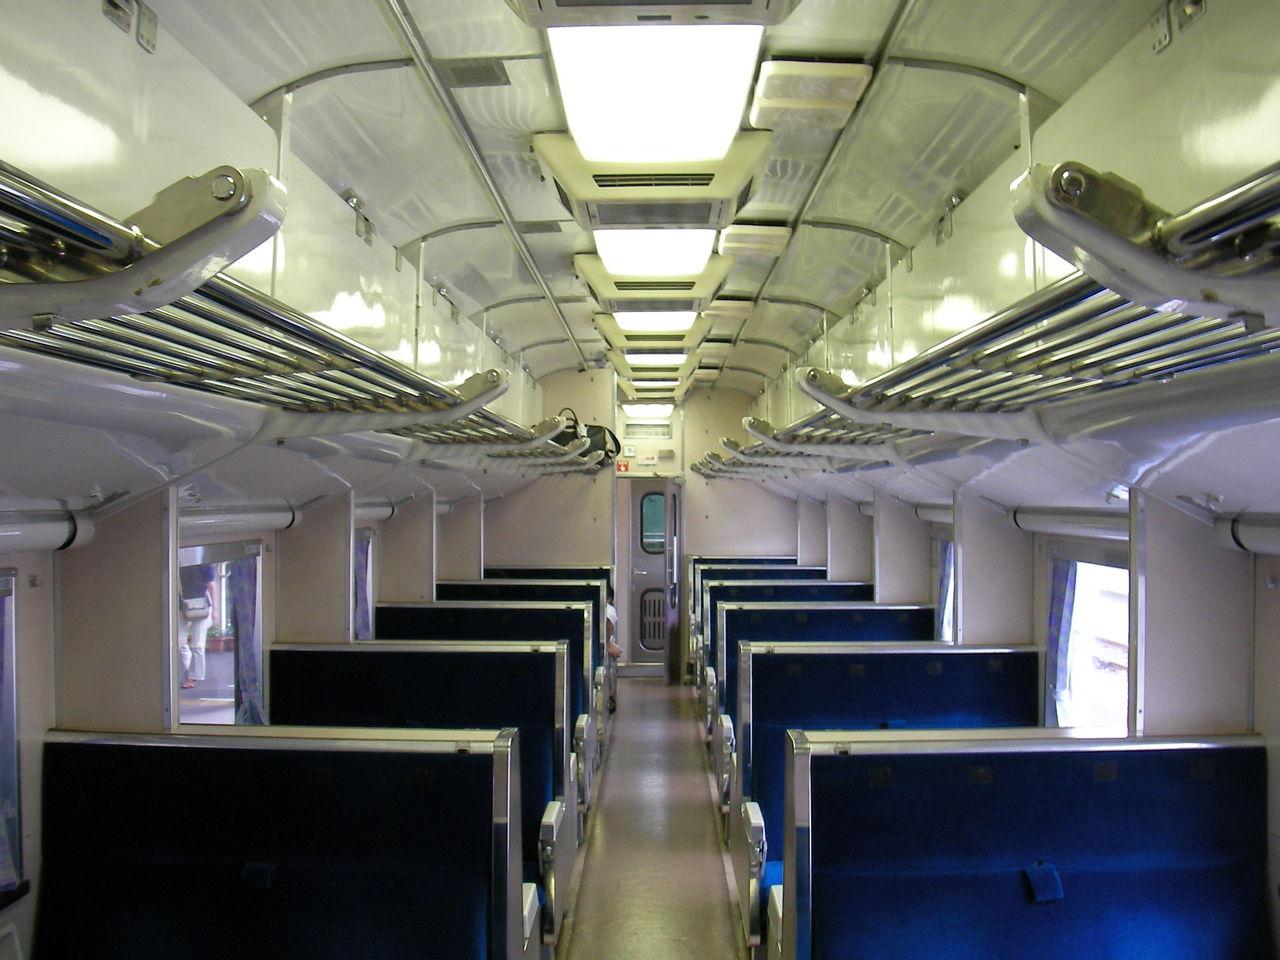 国鉄583系特急形電車 : 鮮魚特急・ボックス席